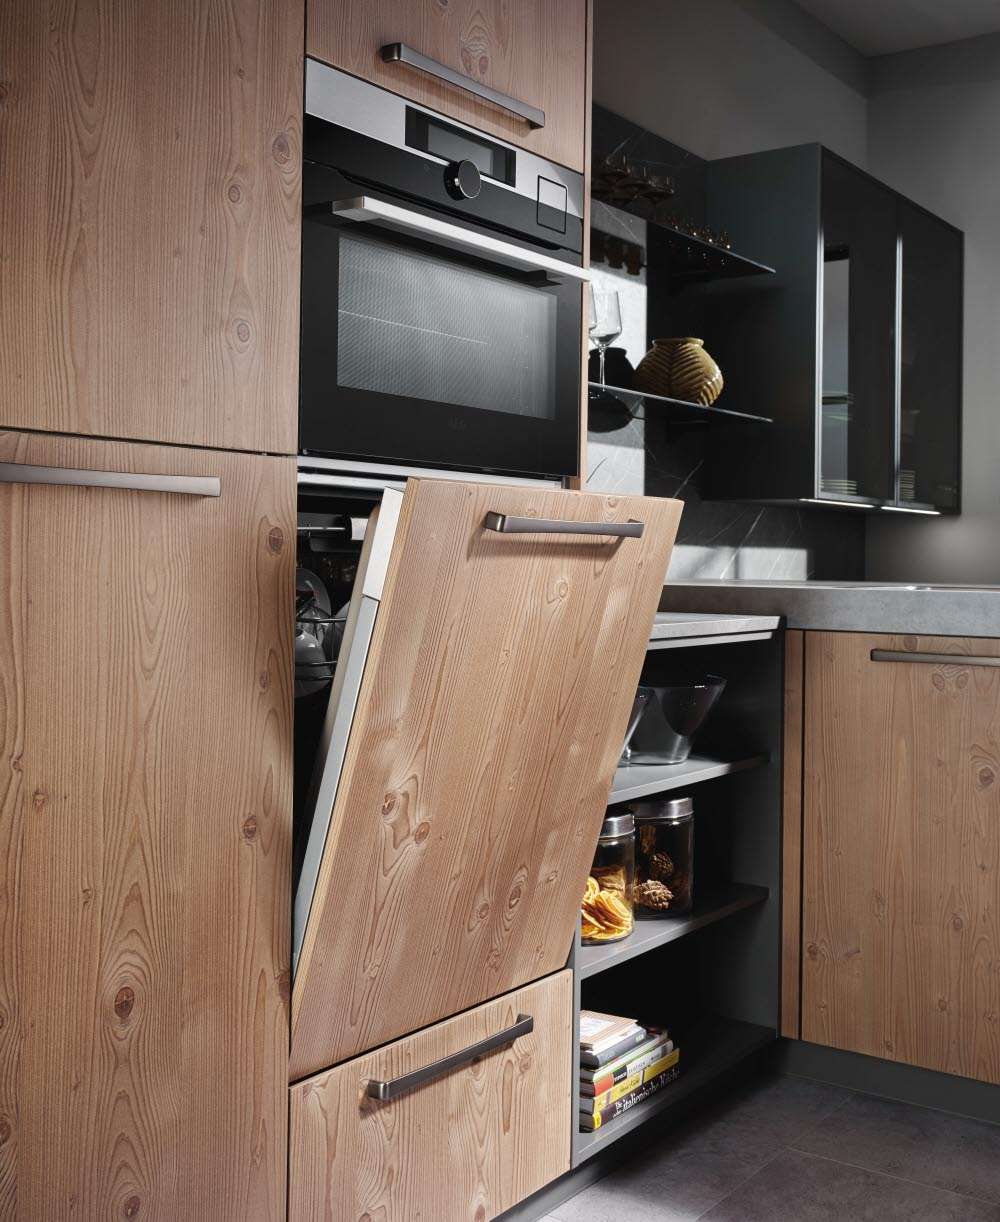 fm guglwald lehmfichte designerk che mein ewe ewe k chen. Black Bedroom Furniture Sets. Home Design Ideas